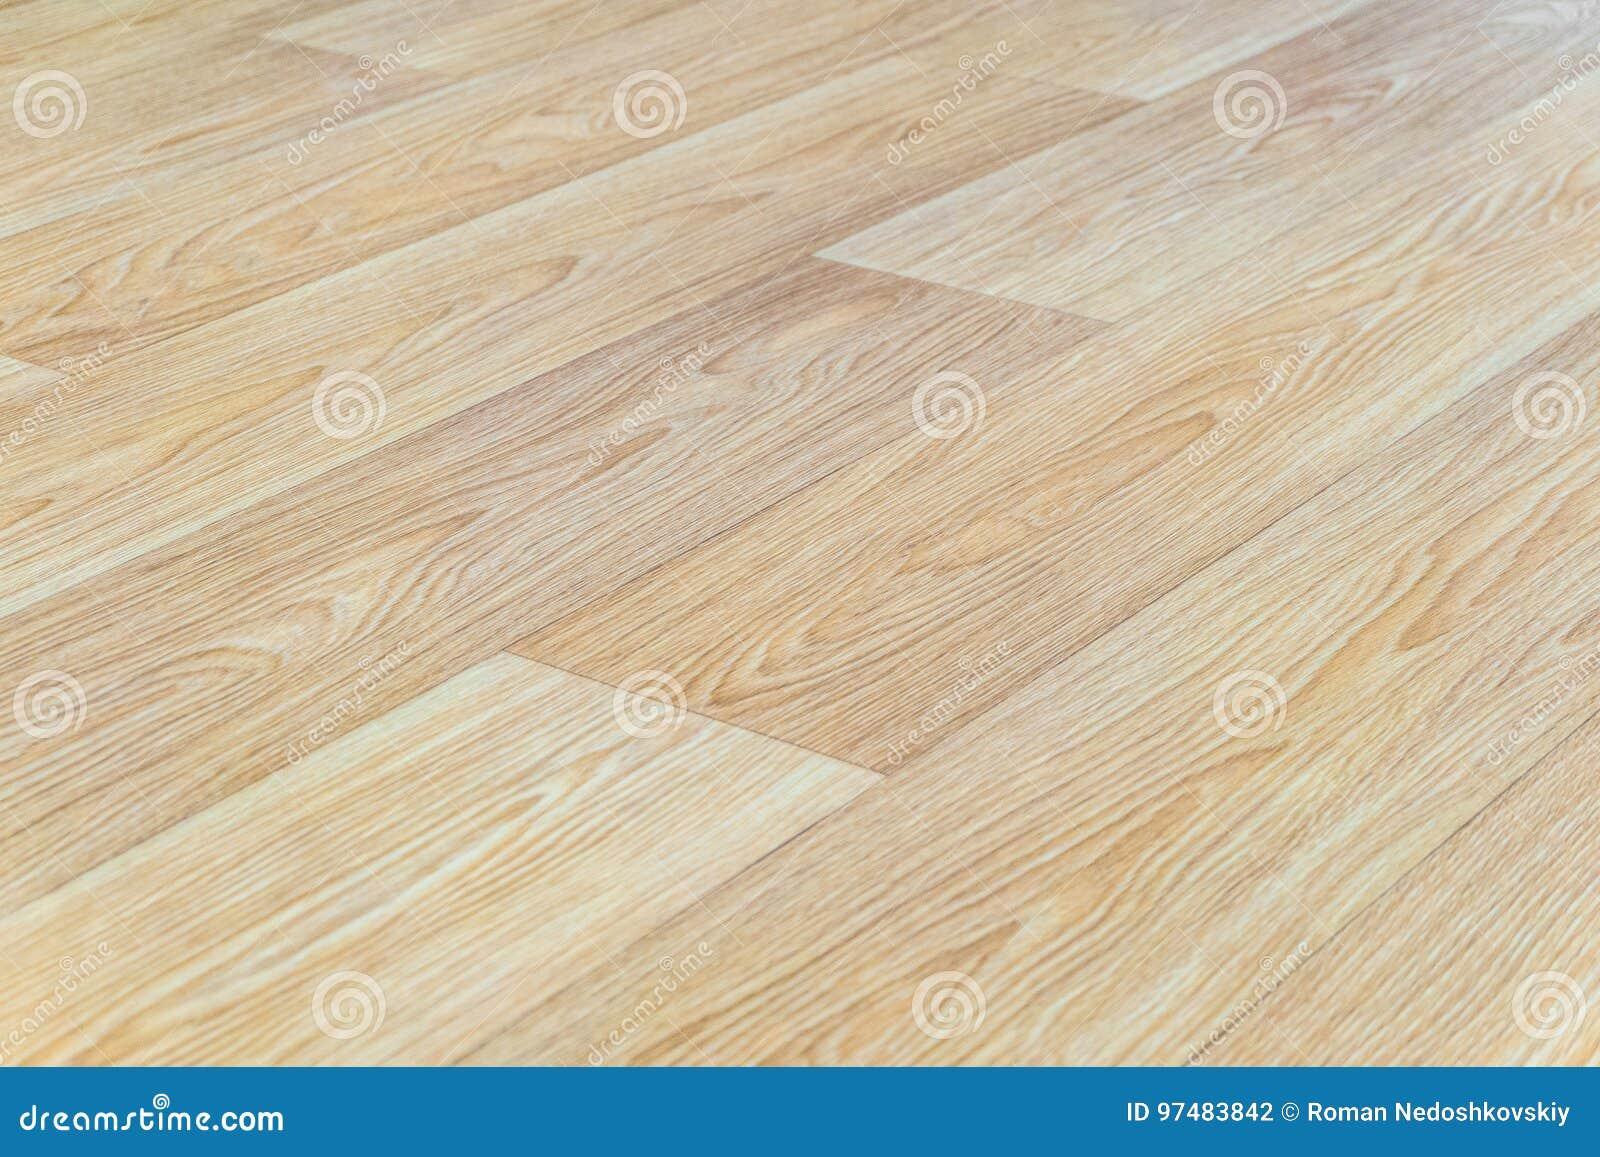 light hardwood floors texture. Light Wood Floor Perspective. Linoleum Flooring With Embossed Texture Close-up. Hardwood Floors